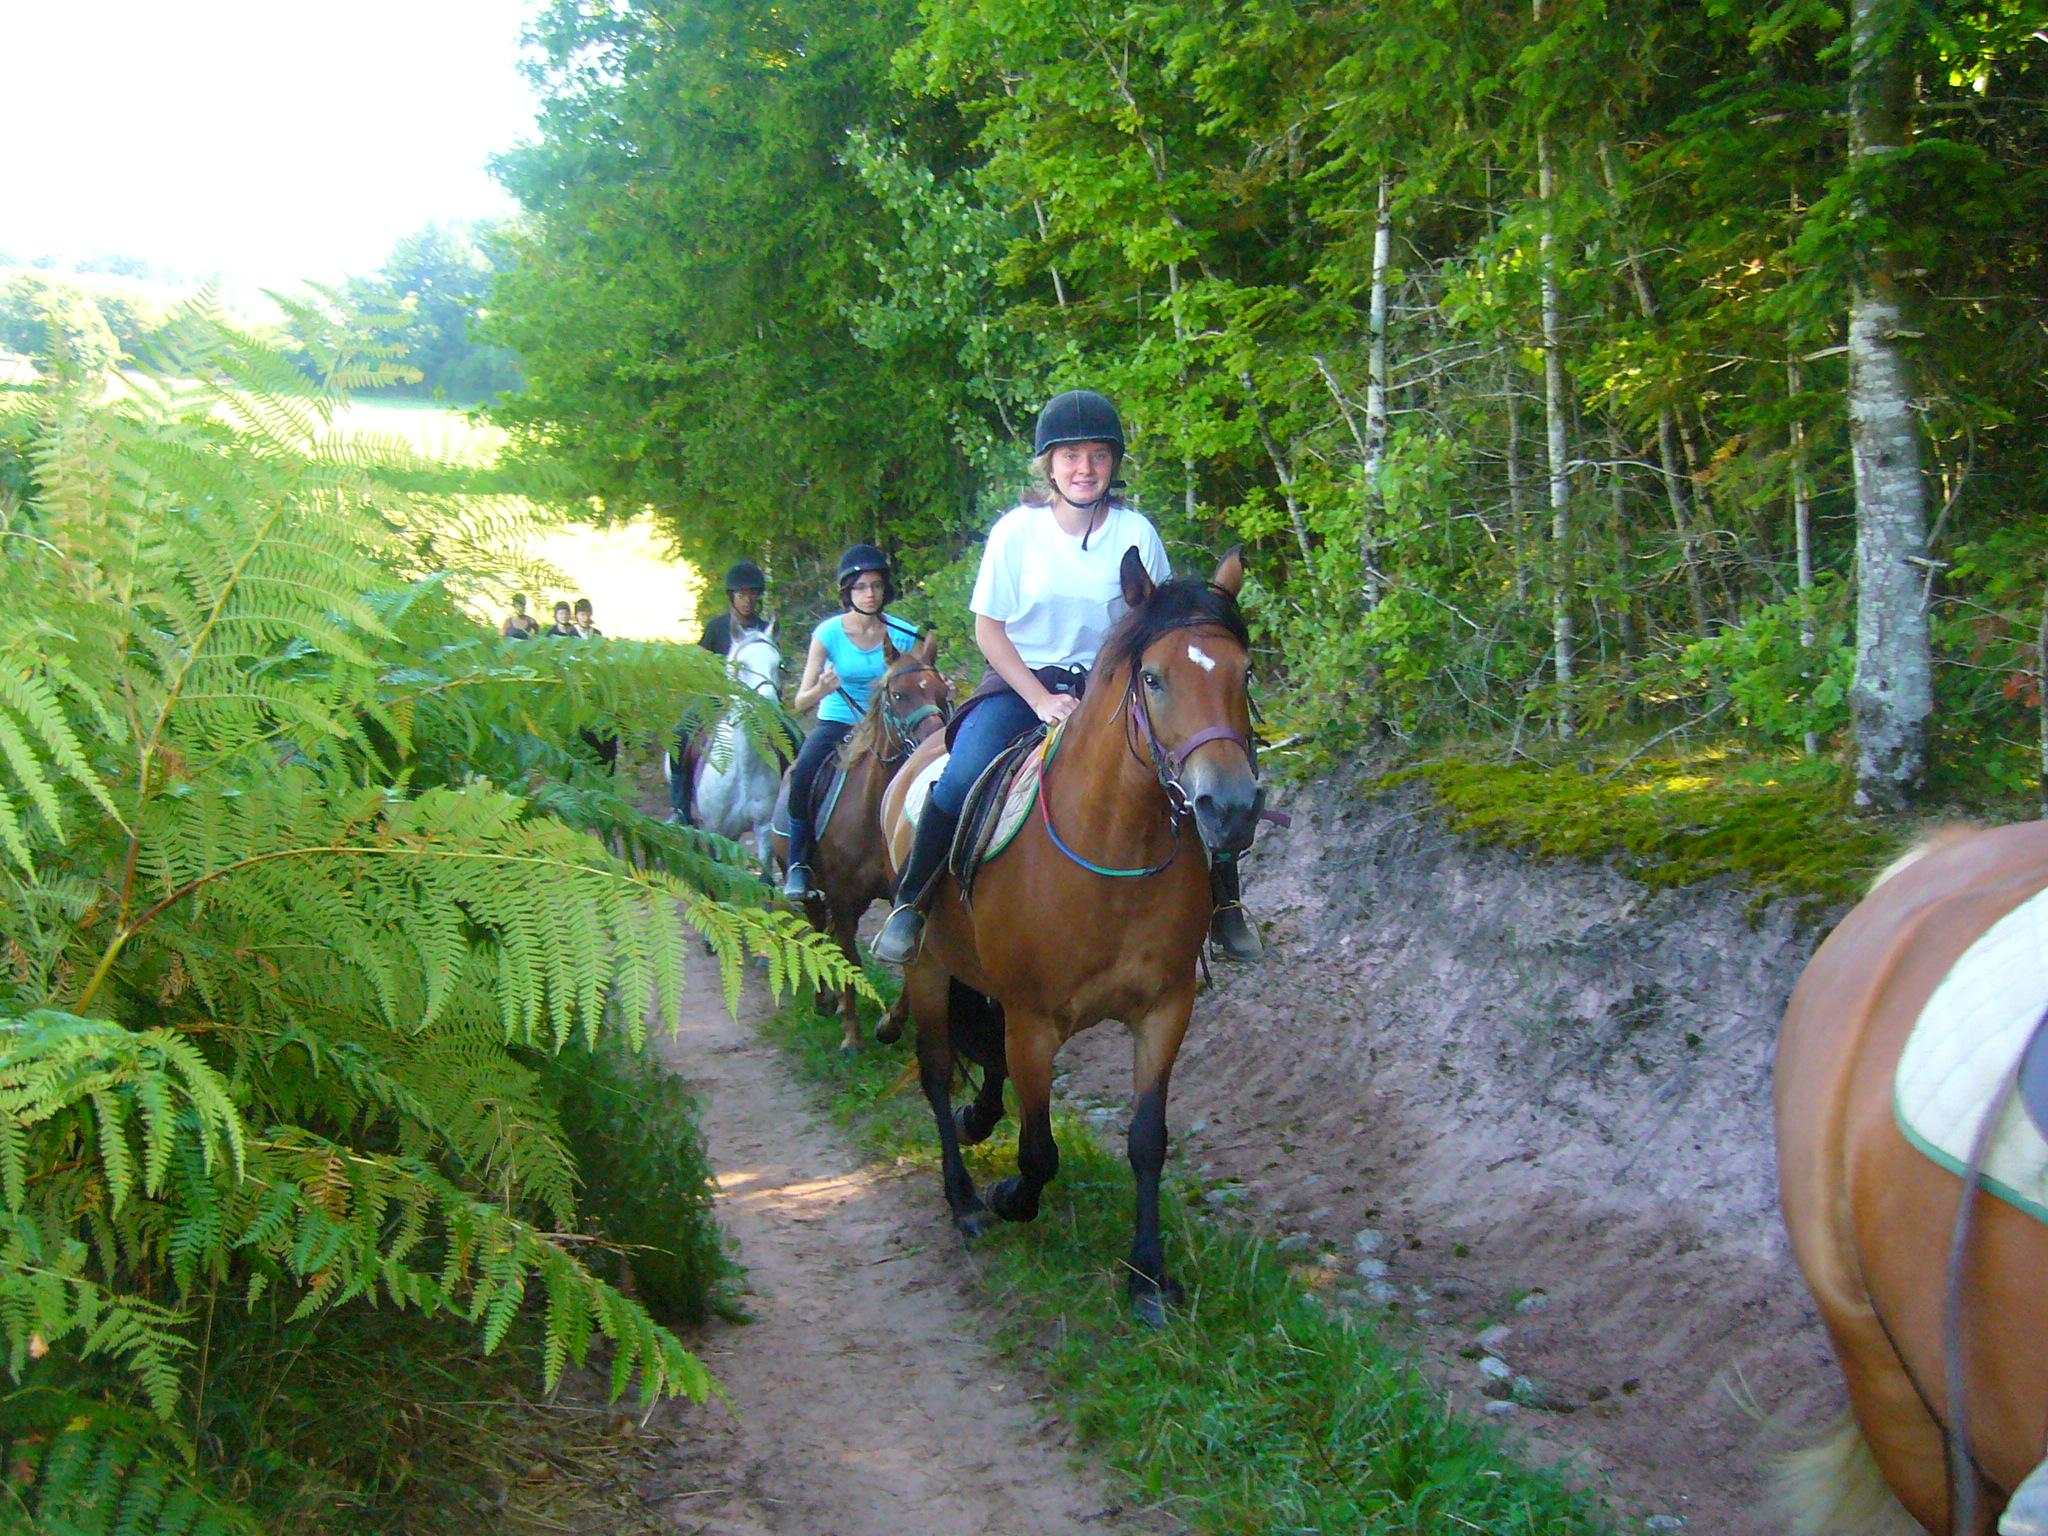 visiter le Morvan à cheval